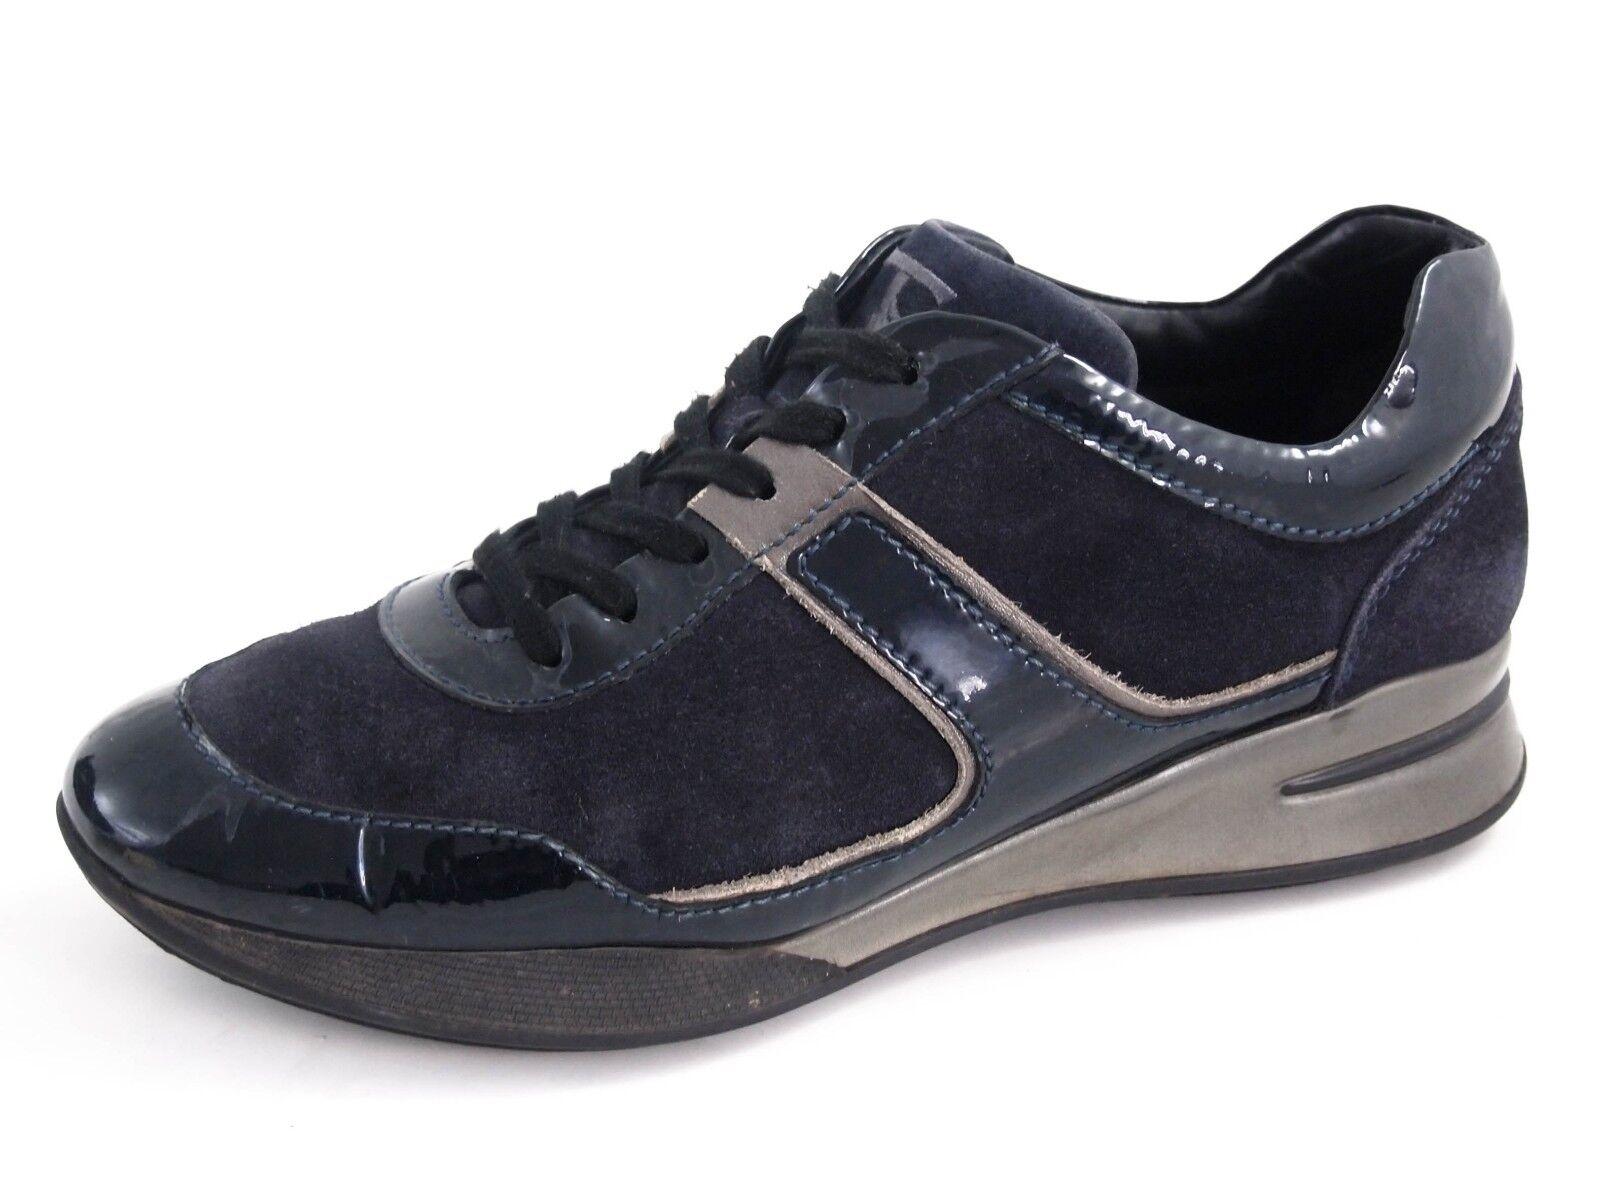 Tod'S Zapatillas, azul Suede Charol, Mujer Tamaño Tamaño Tamaño del Zapato EU 37.5 nos 7.5  380  venta con descuento